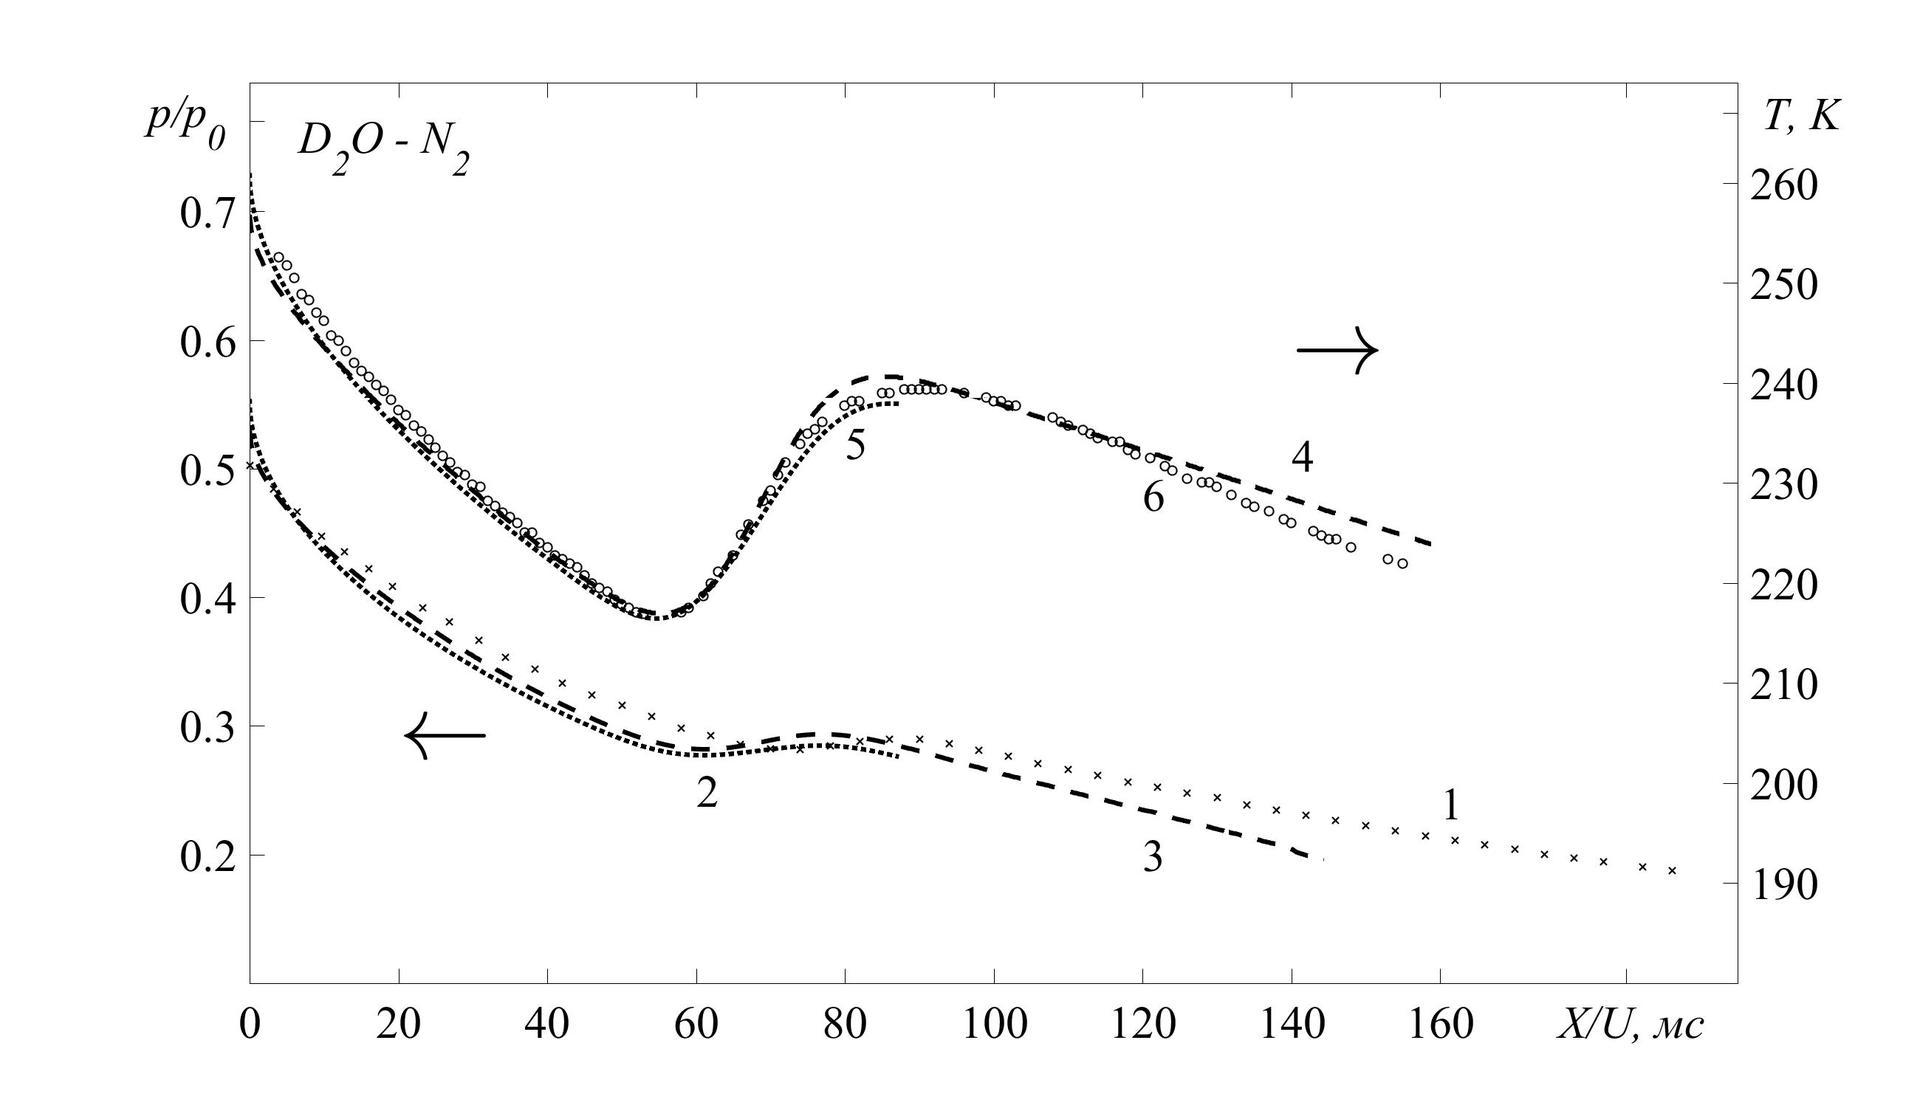 Построение графиков с двумя независимыми осями в Matlab - 2